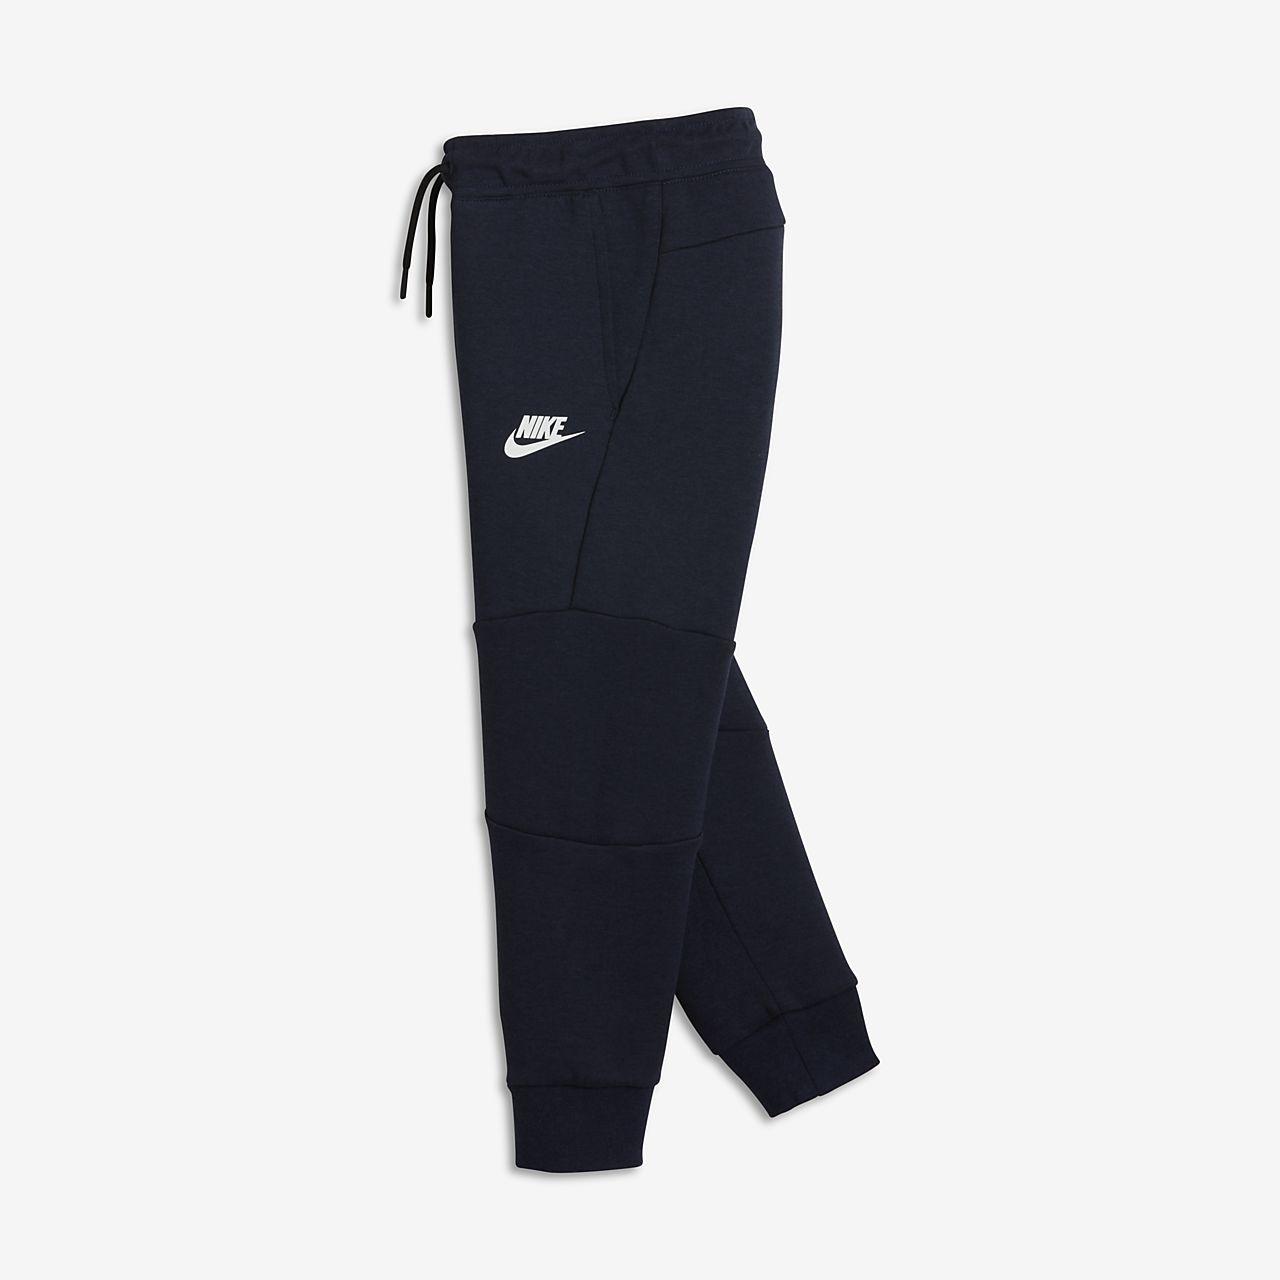 c6a843d5afe Pantalon Nike Tech Fleece pour Jeune enfant. Nike.com FR